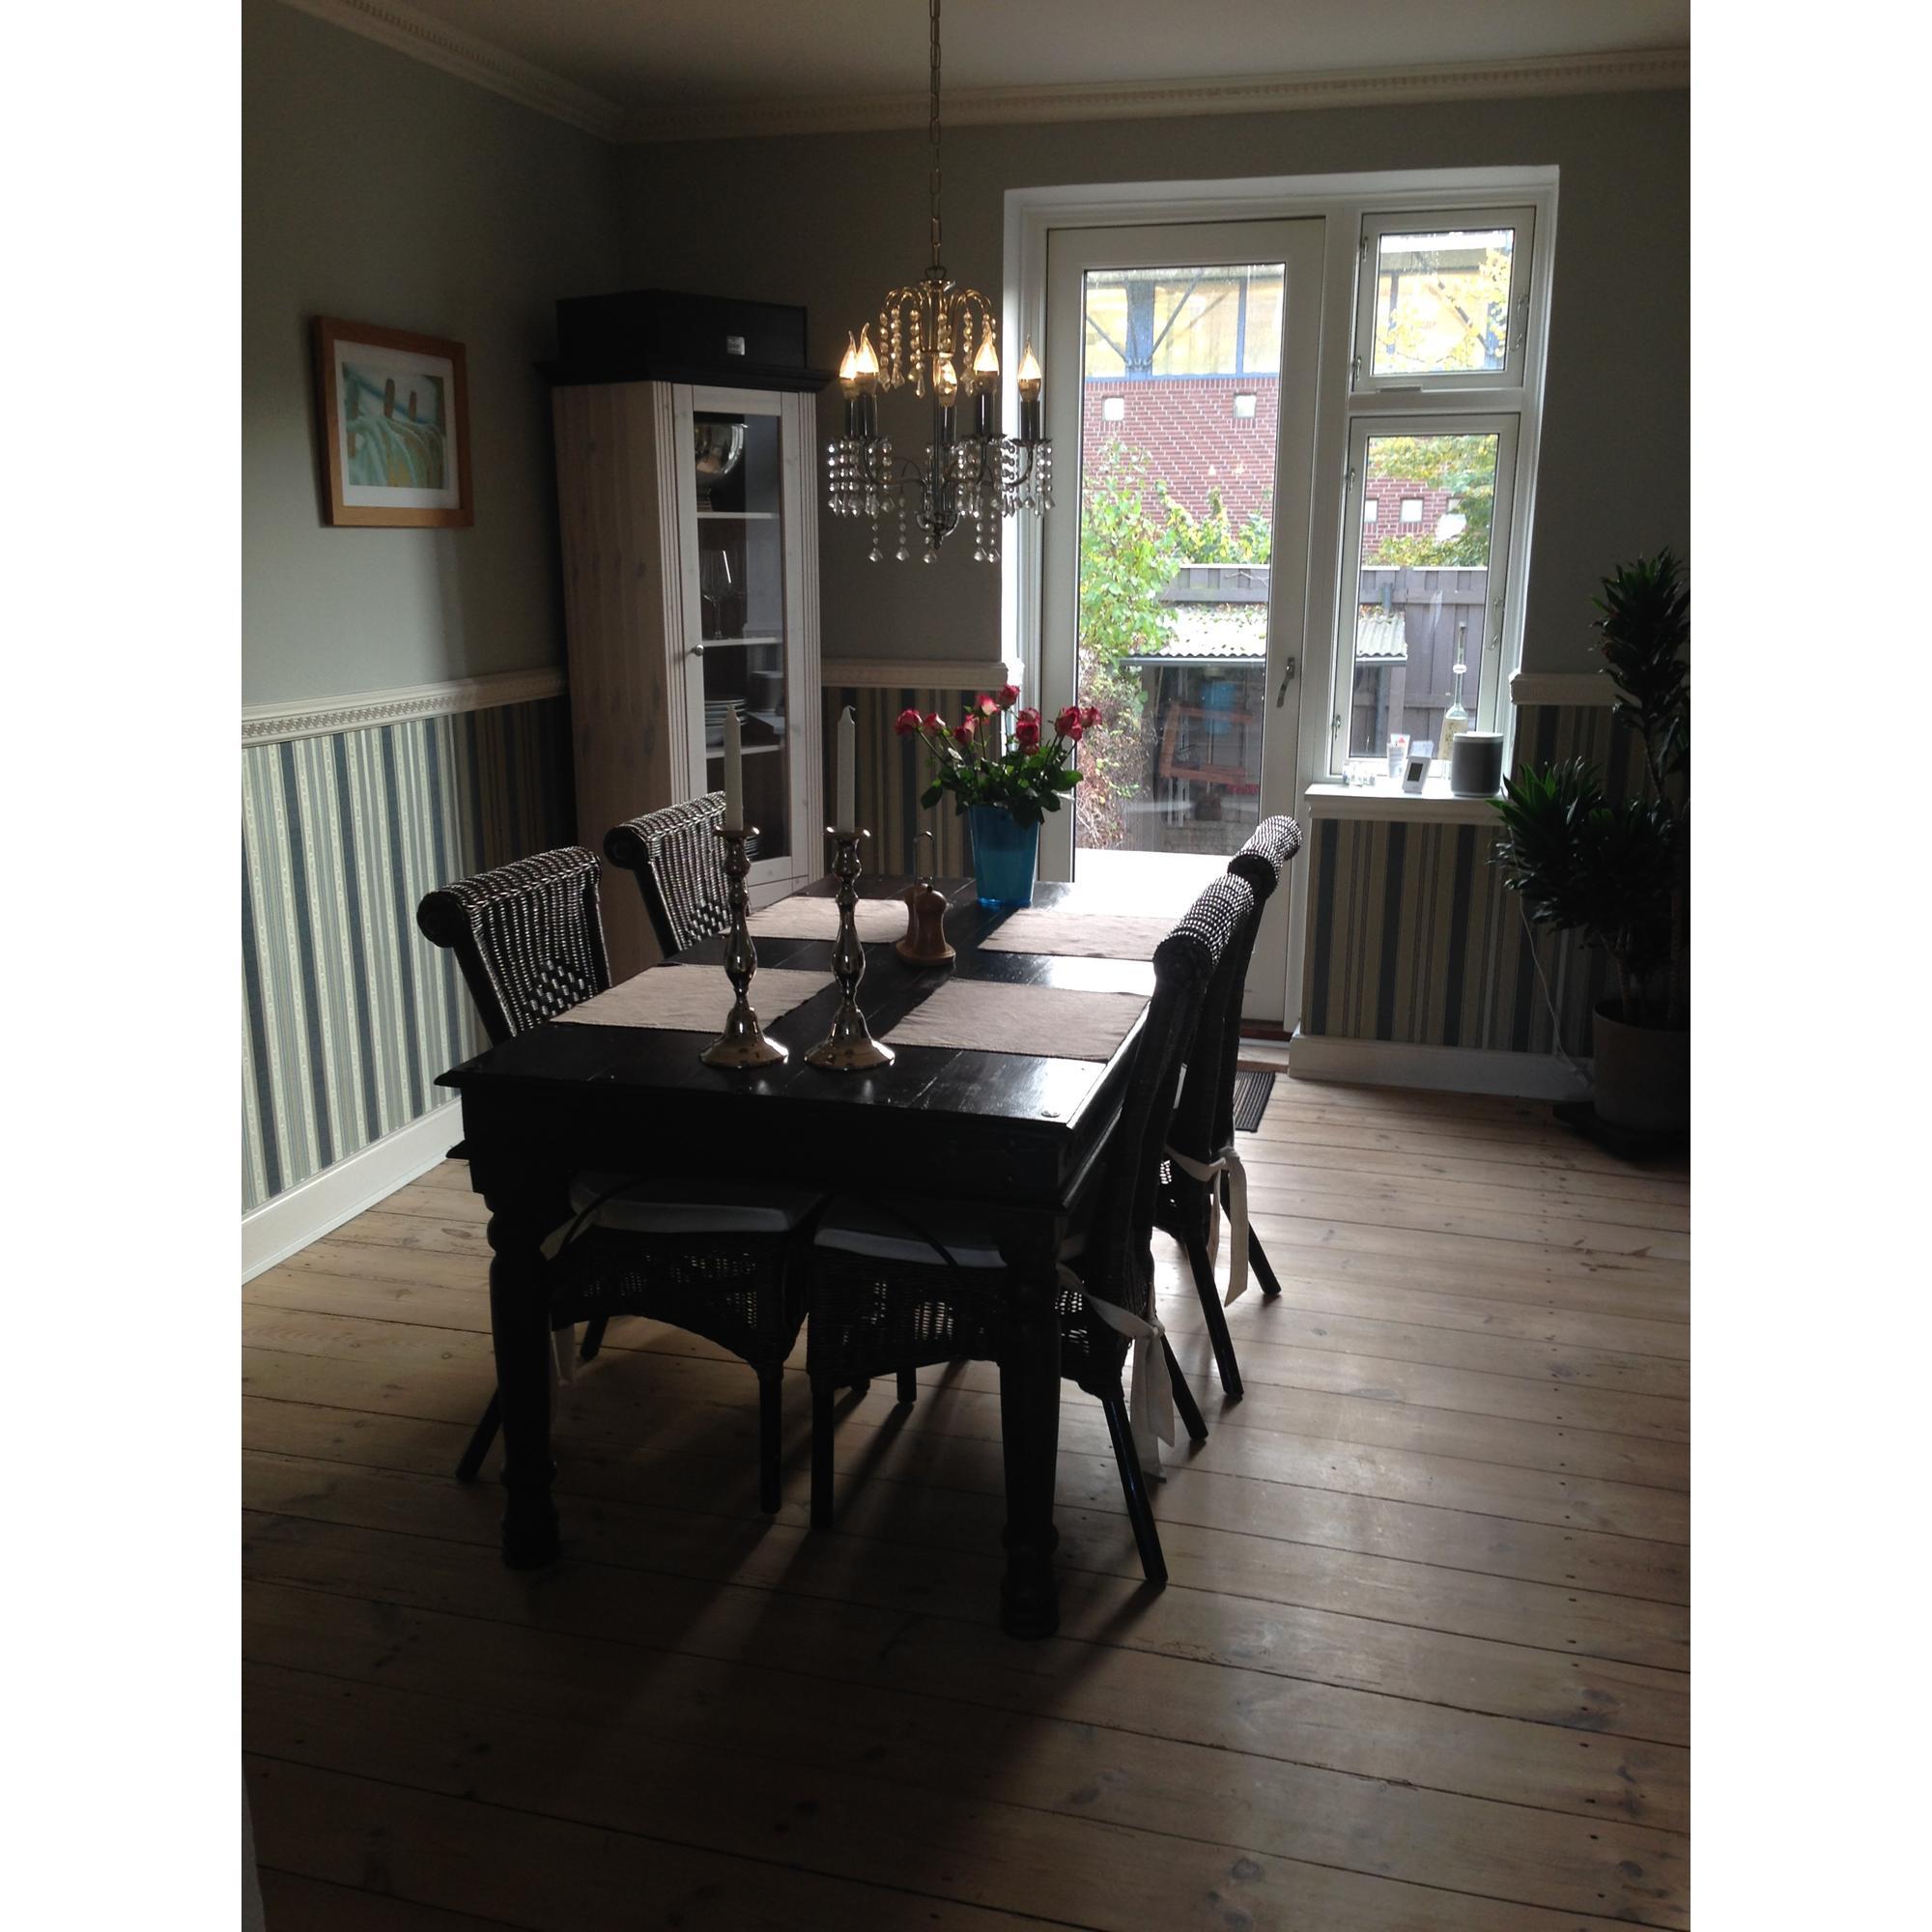 Spisebord + stole - kr. 1500 - brugte møbler